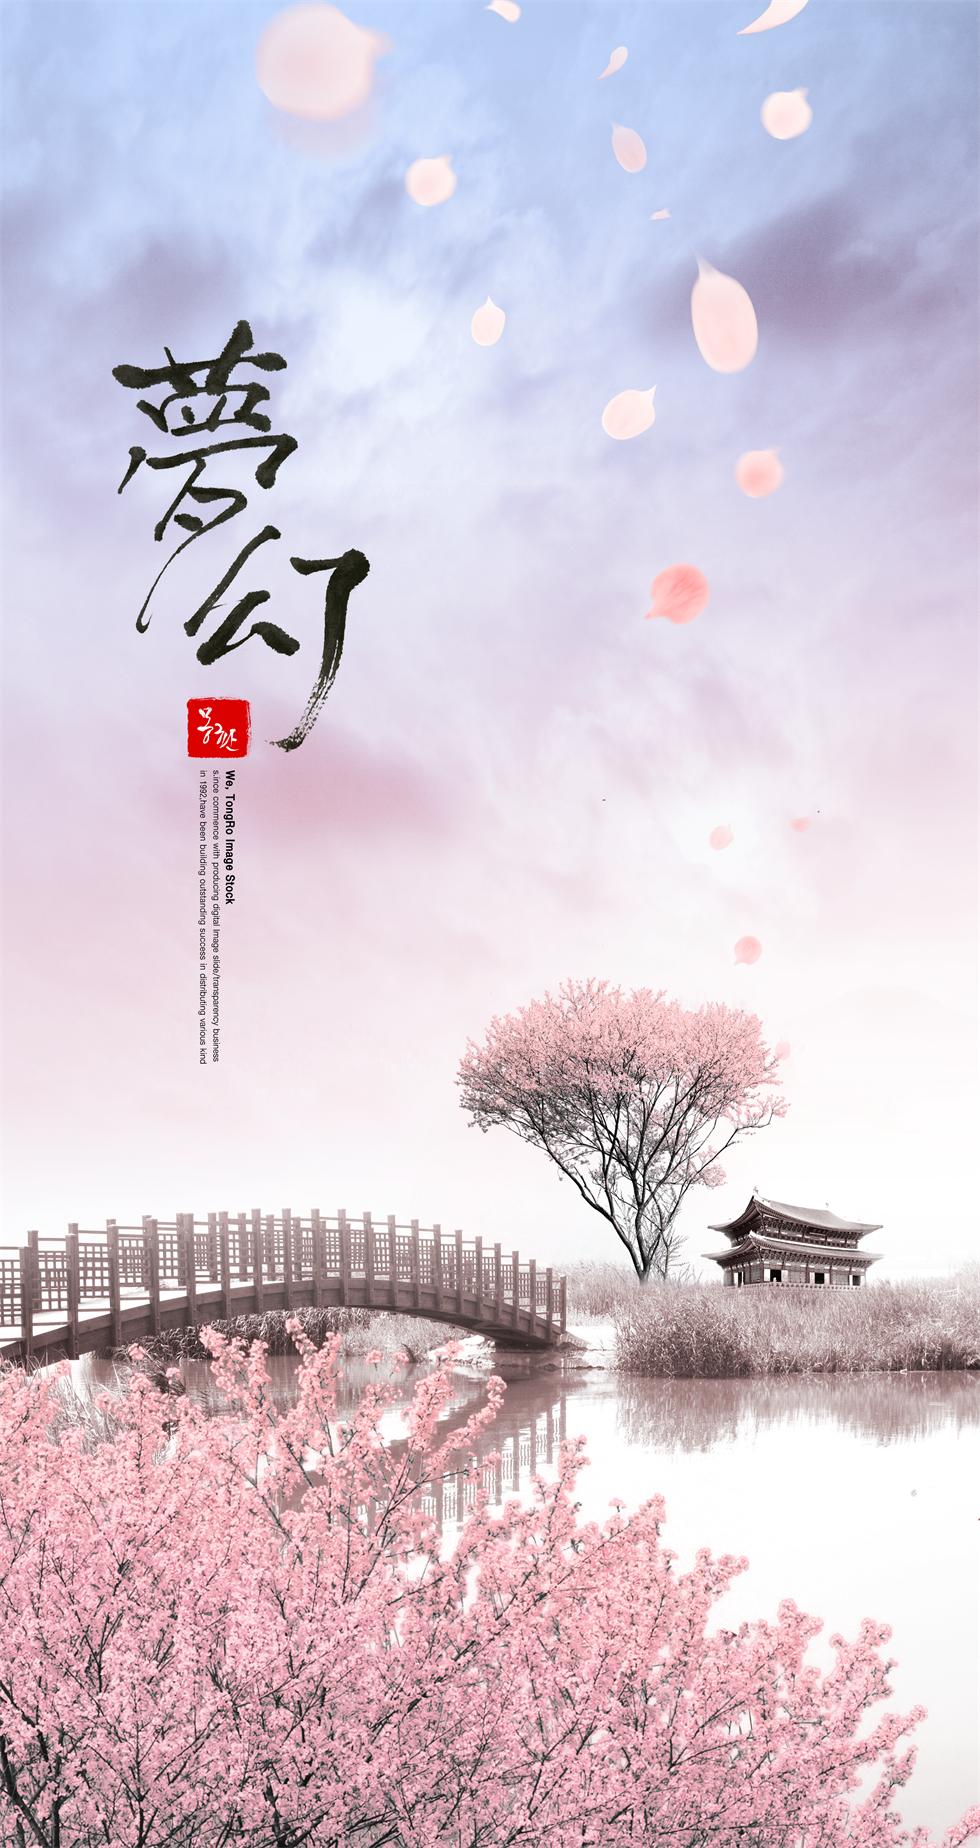 创意中国风古代建筑梦幻风格海报